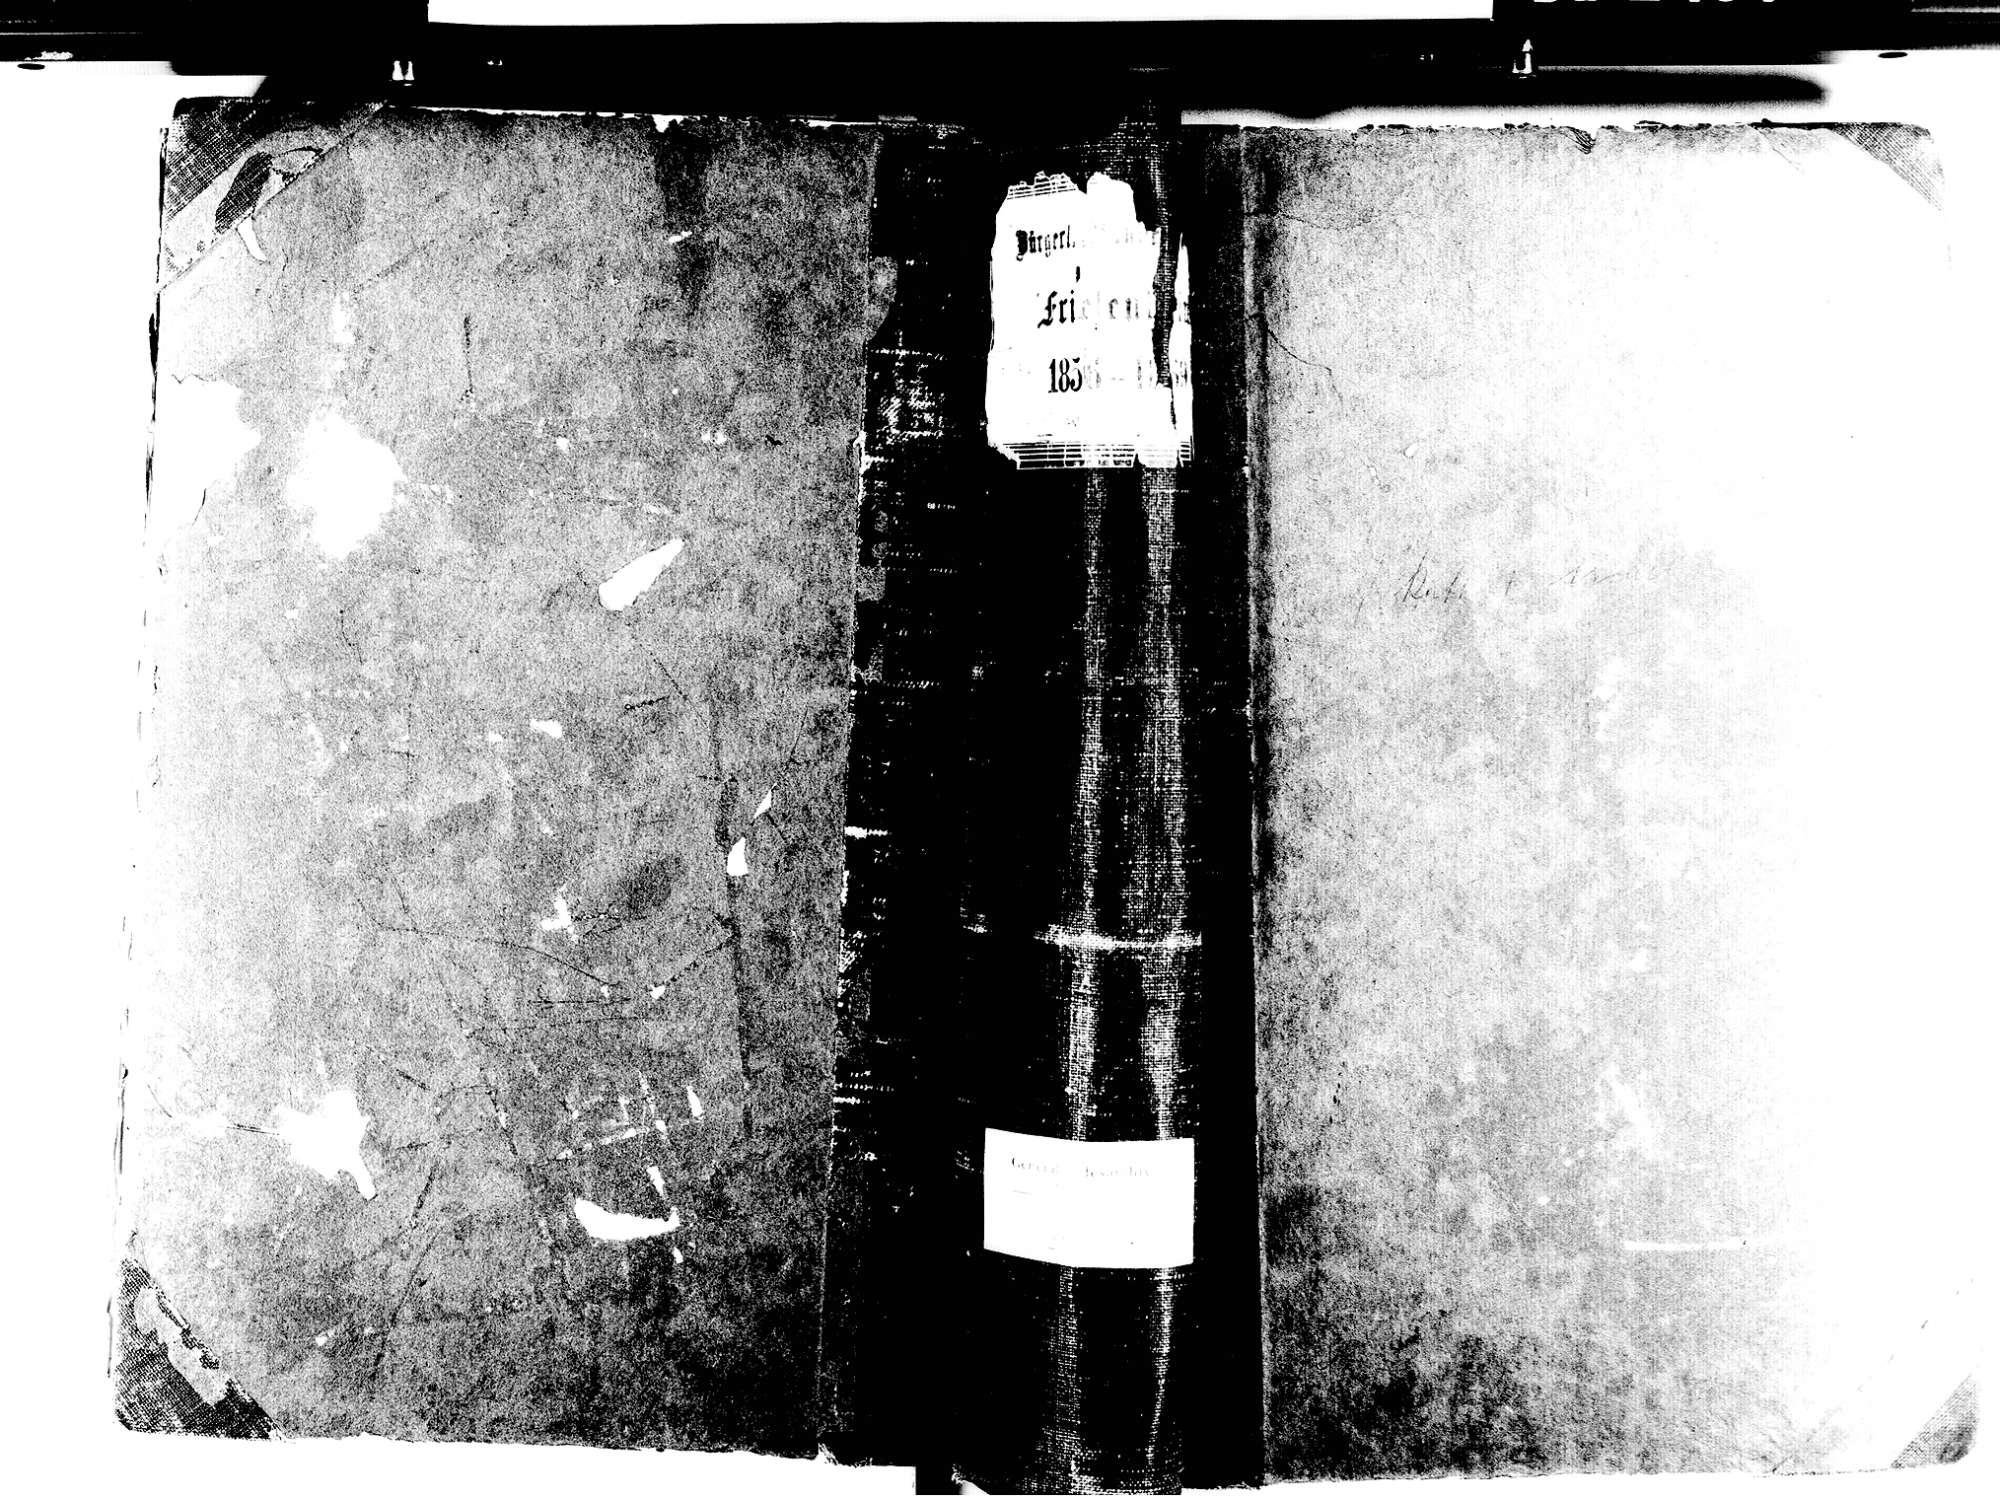 Friesenheim OG; Evangelische Gemeinde: Standesbuch 1856-1869 Friesenheim OG; Katholische Gemeinde: Standesbuch 1856-1869 Friesenheim OG; Israelitische Gemeinde: Standesbuch 1856-1869, Bild 1